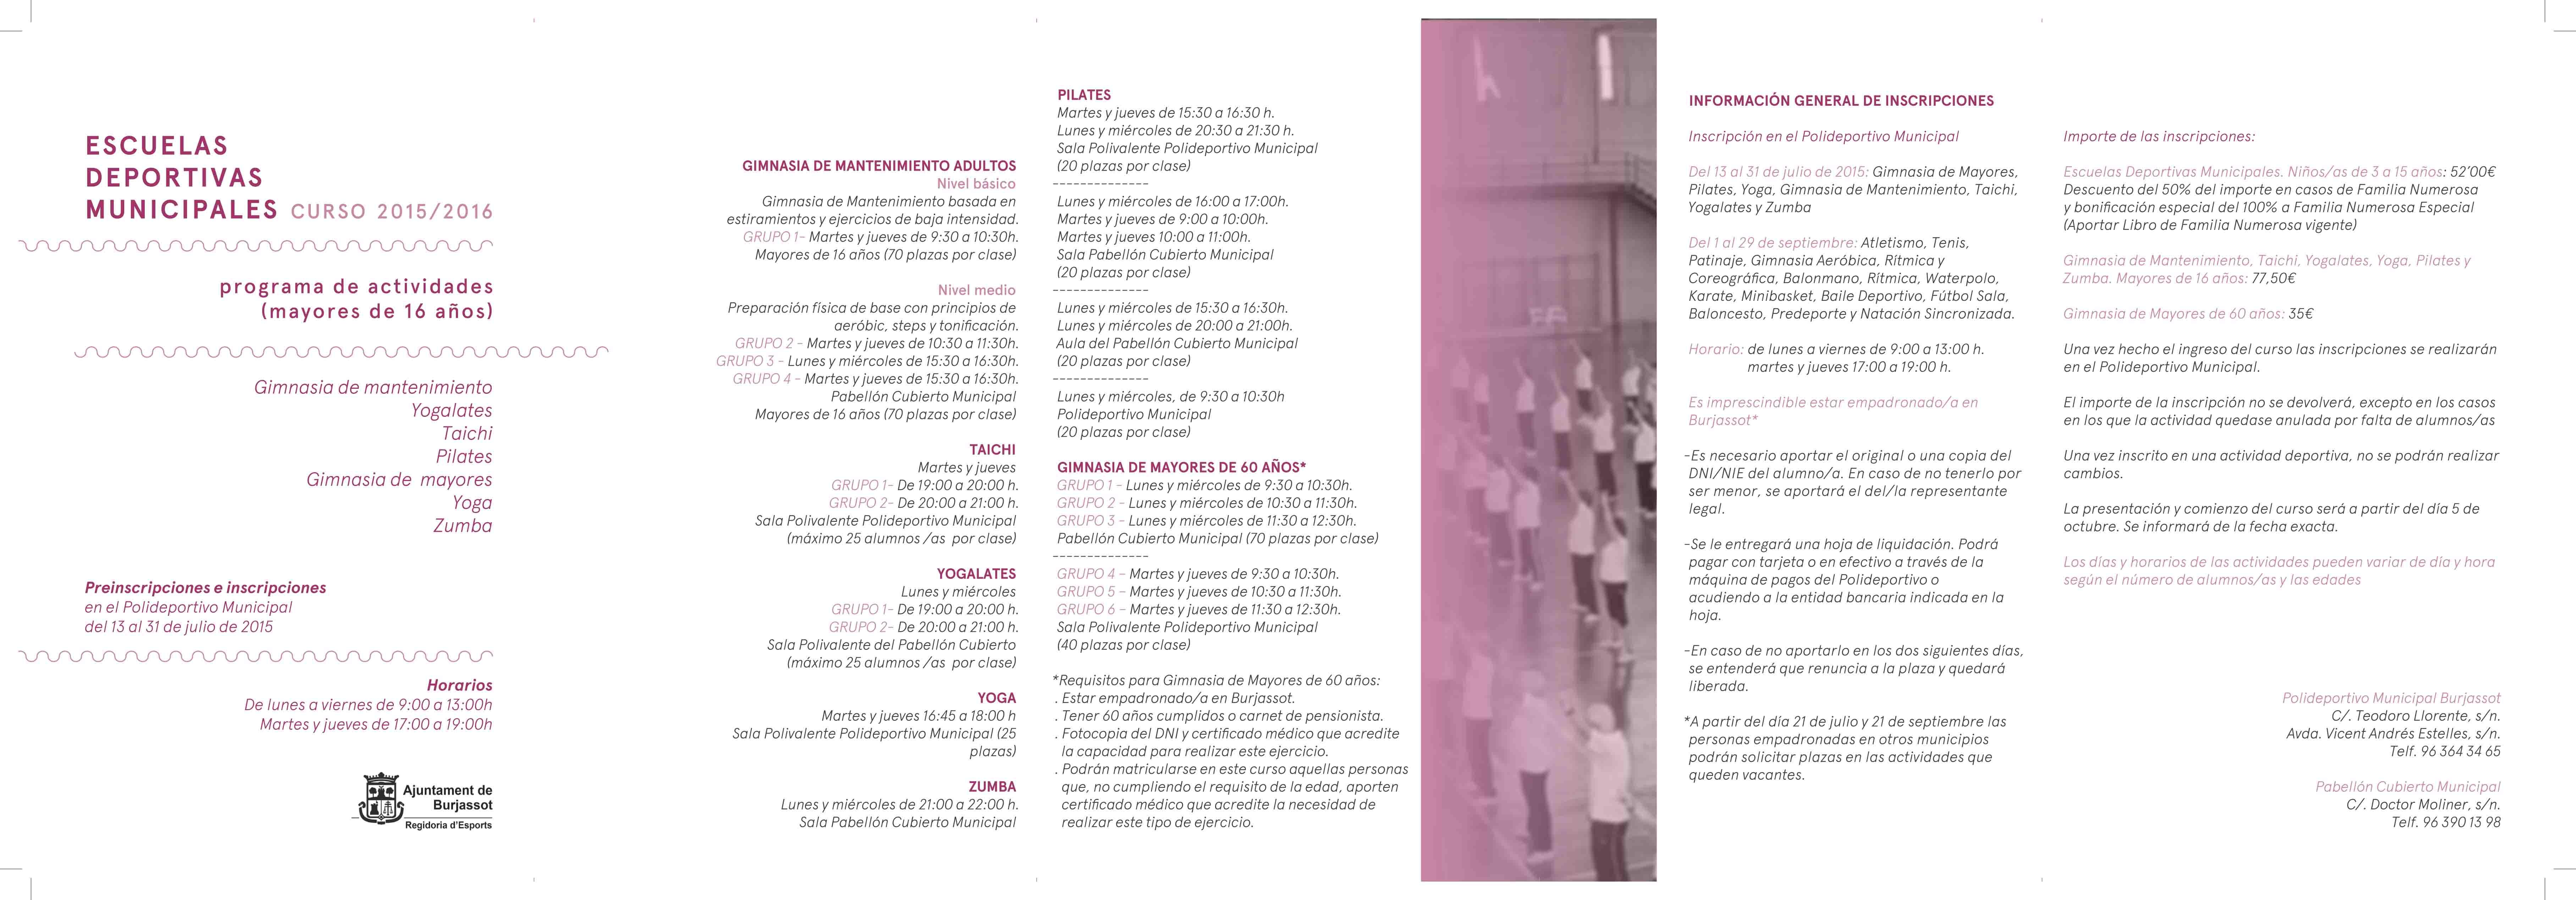 El 13 de julio se abre el periodo de matrícula de las Escuelas Deportivas de Burjassot